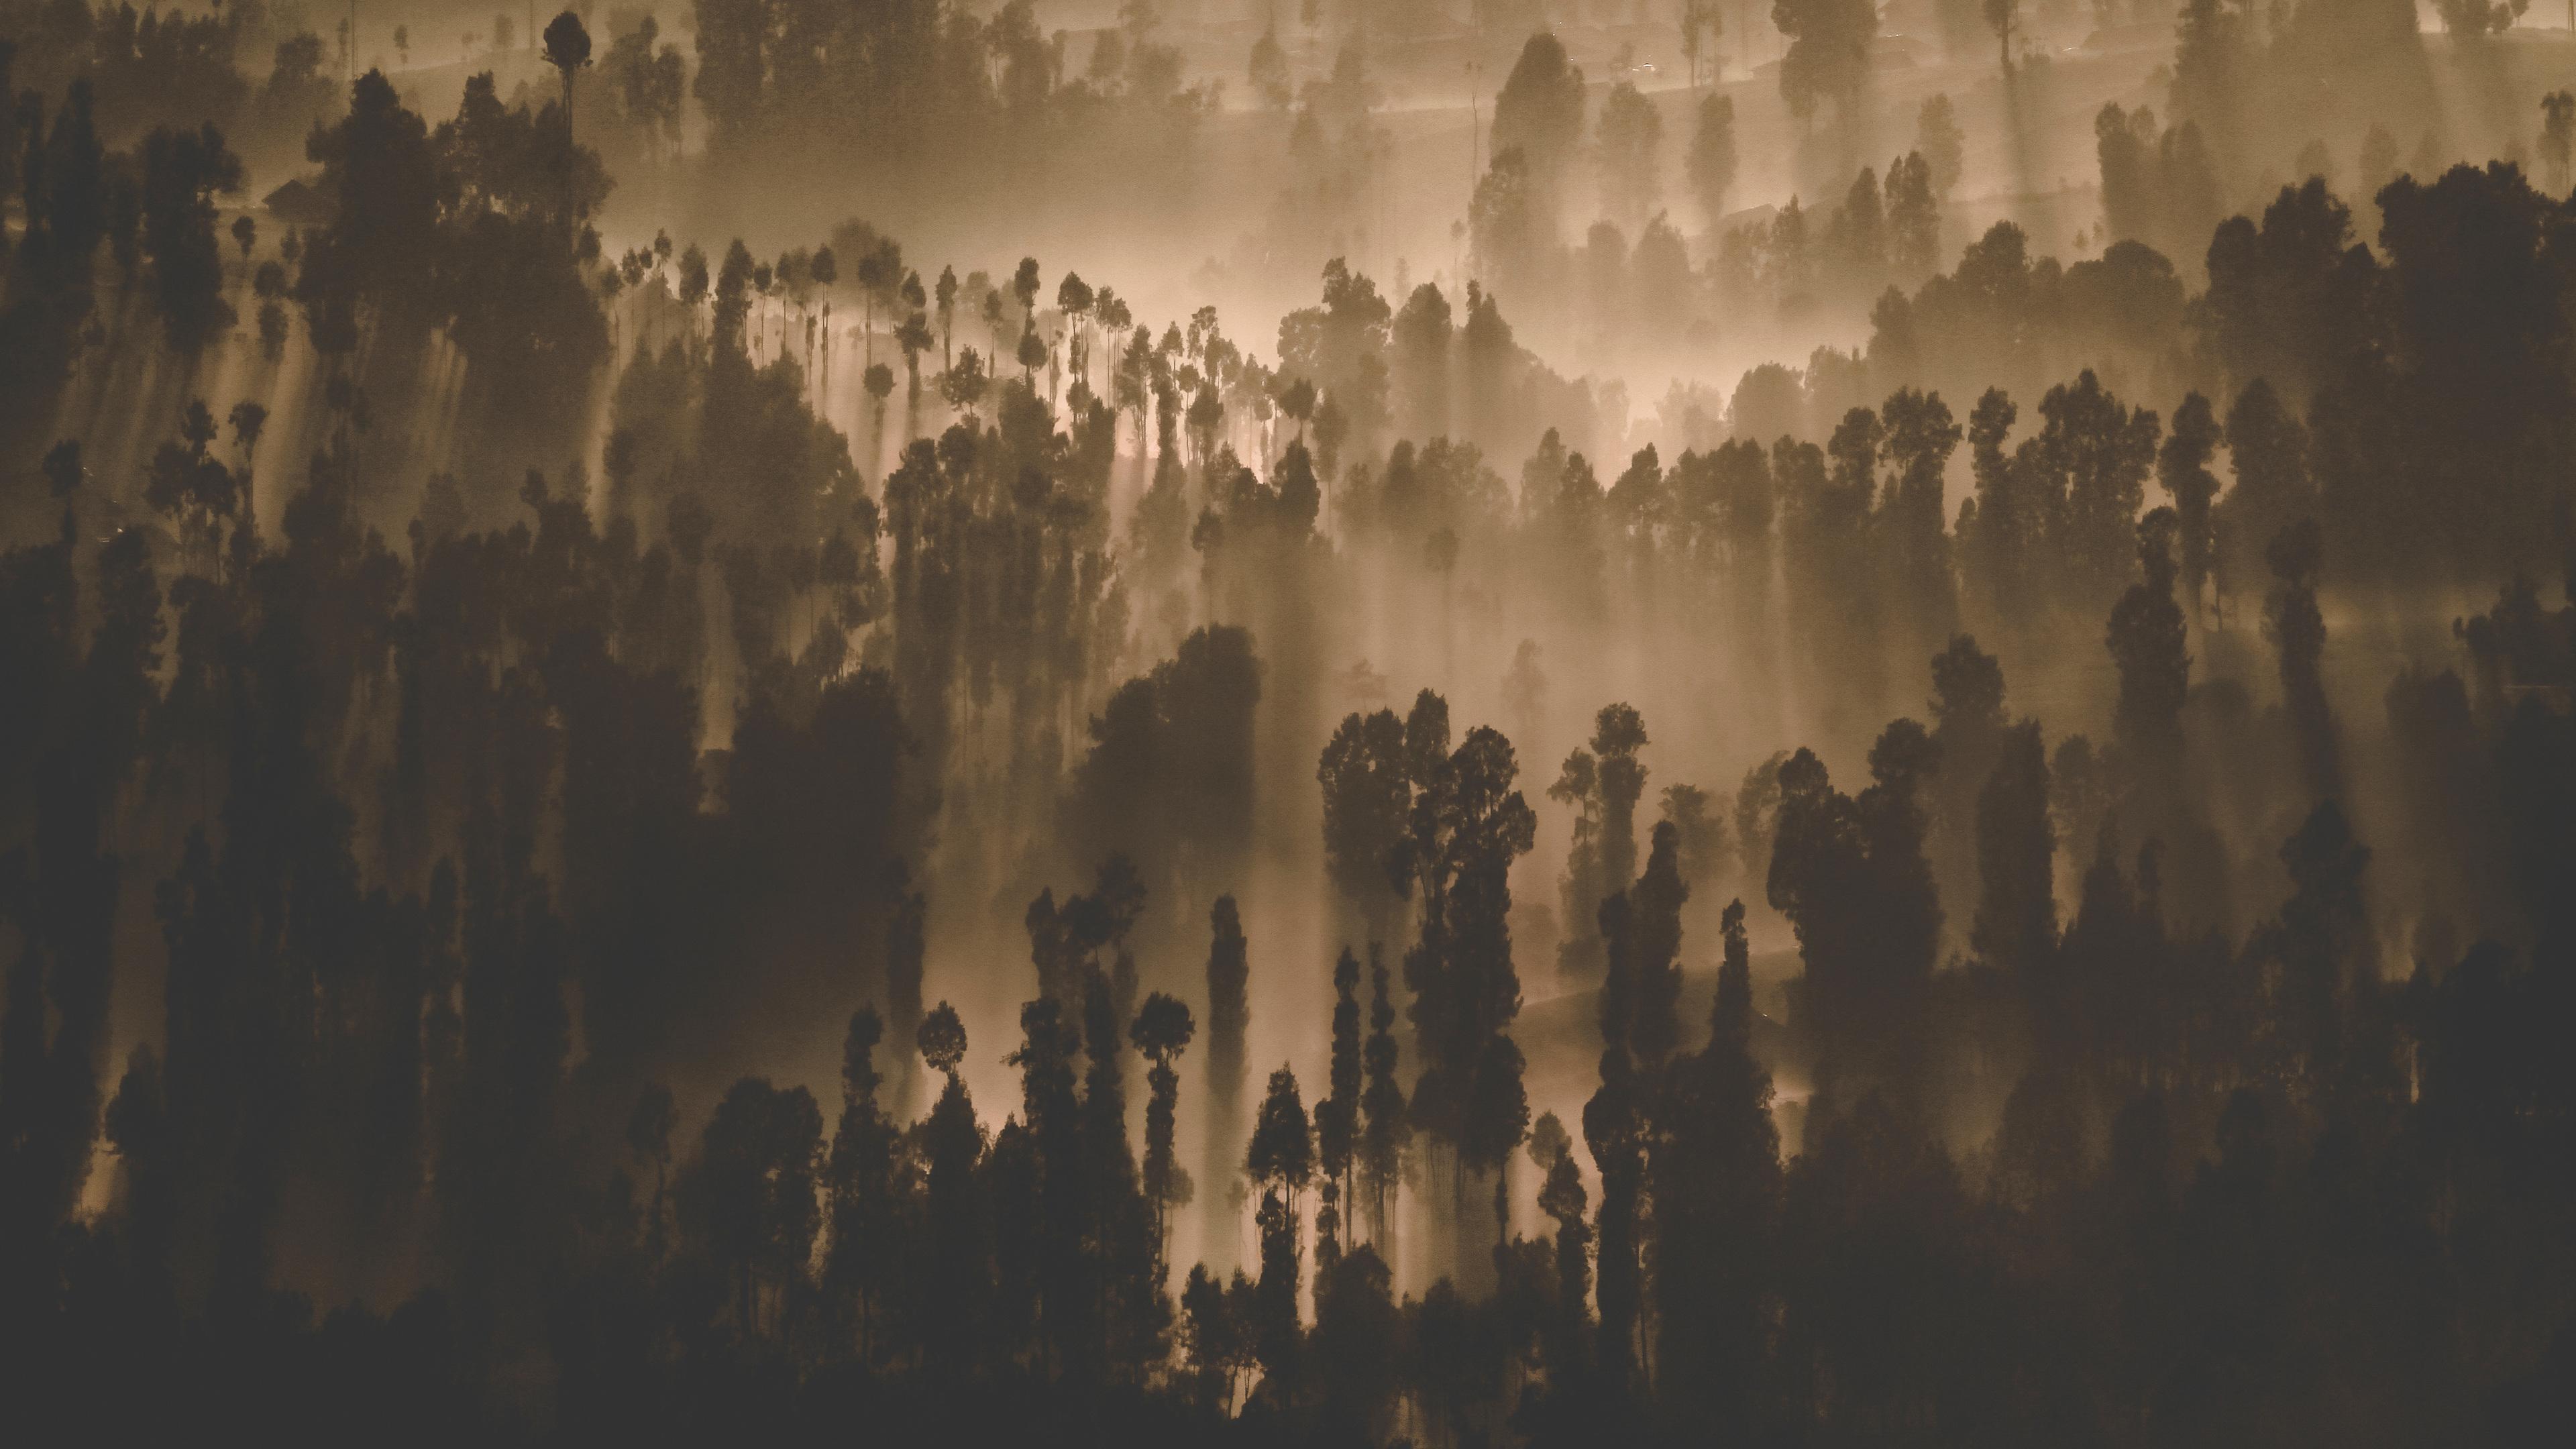 dark forest trees nature scenery 4k 1540135657 - Dark Forest Trees Nature Scenery 4k - trees wallpapers, nature wallpapers, hd-wallpapers, forest wallpapers, dark wallpapers, 5k wallpapers, 4k-wallpapers